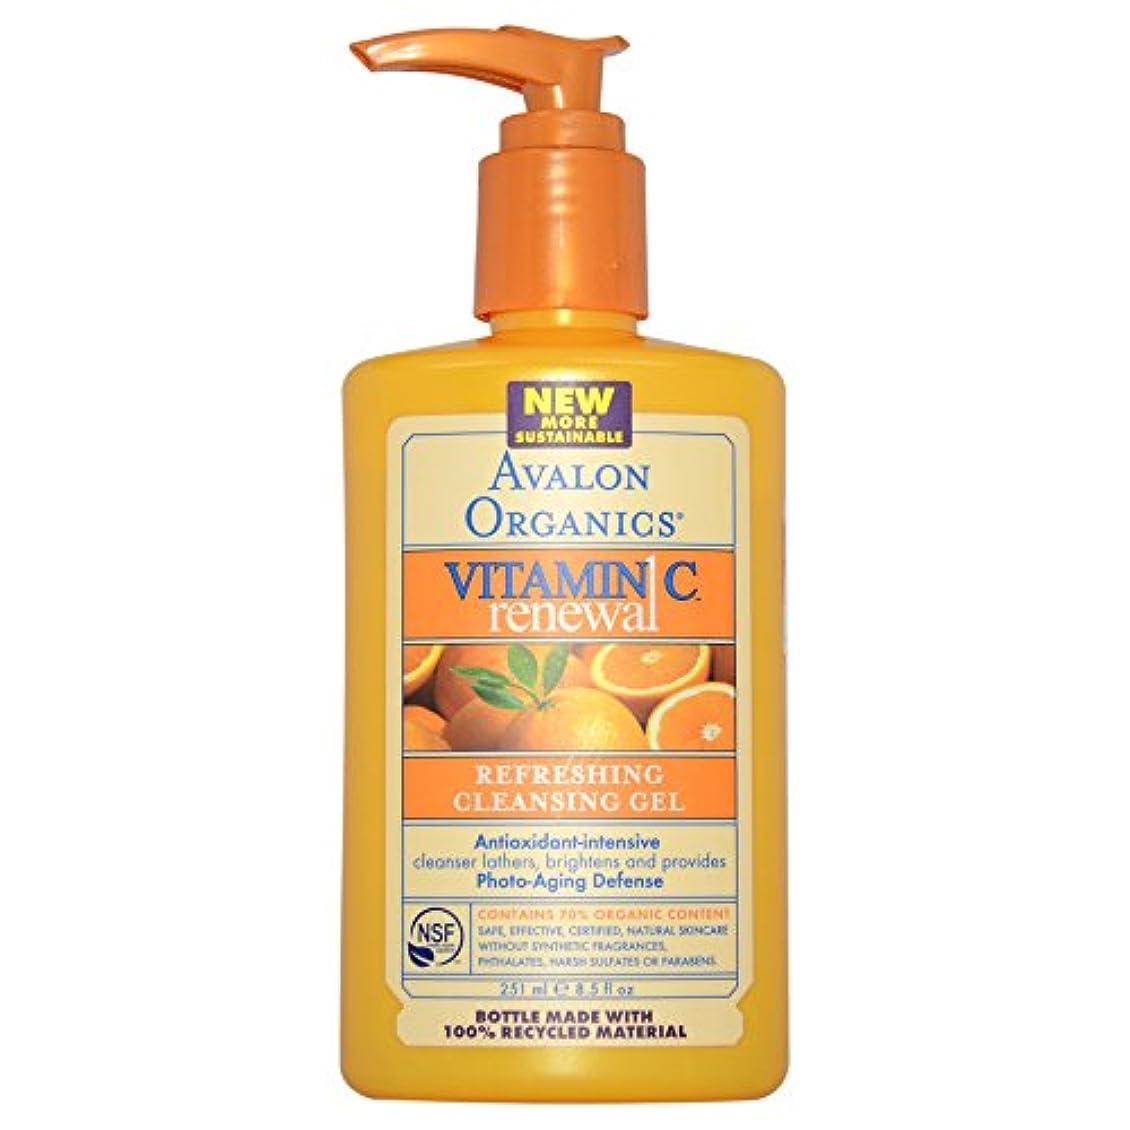 一模倣下Avalon Organics ビタミンC リニューアル リフレッシング クレンジングジェル 8.5 fl oz (251 ml) [並行輸入品]